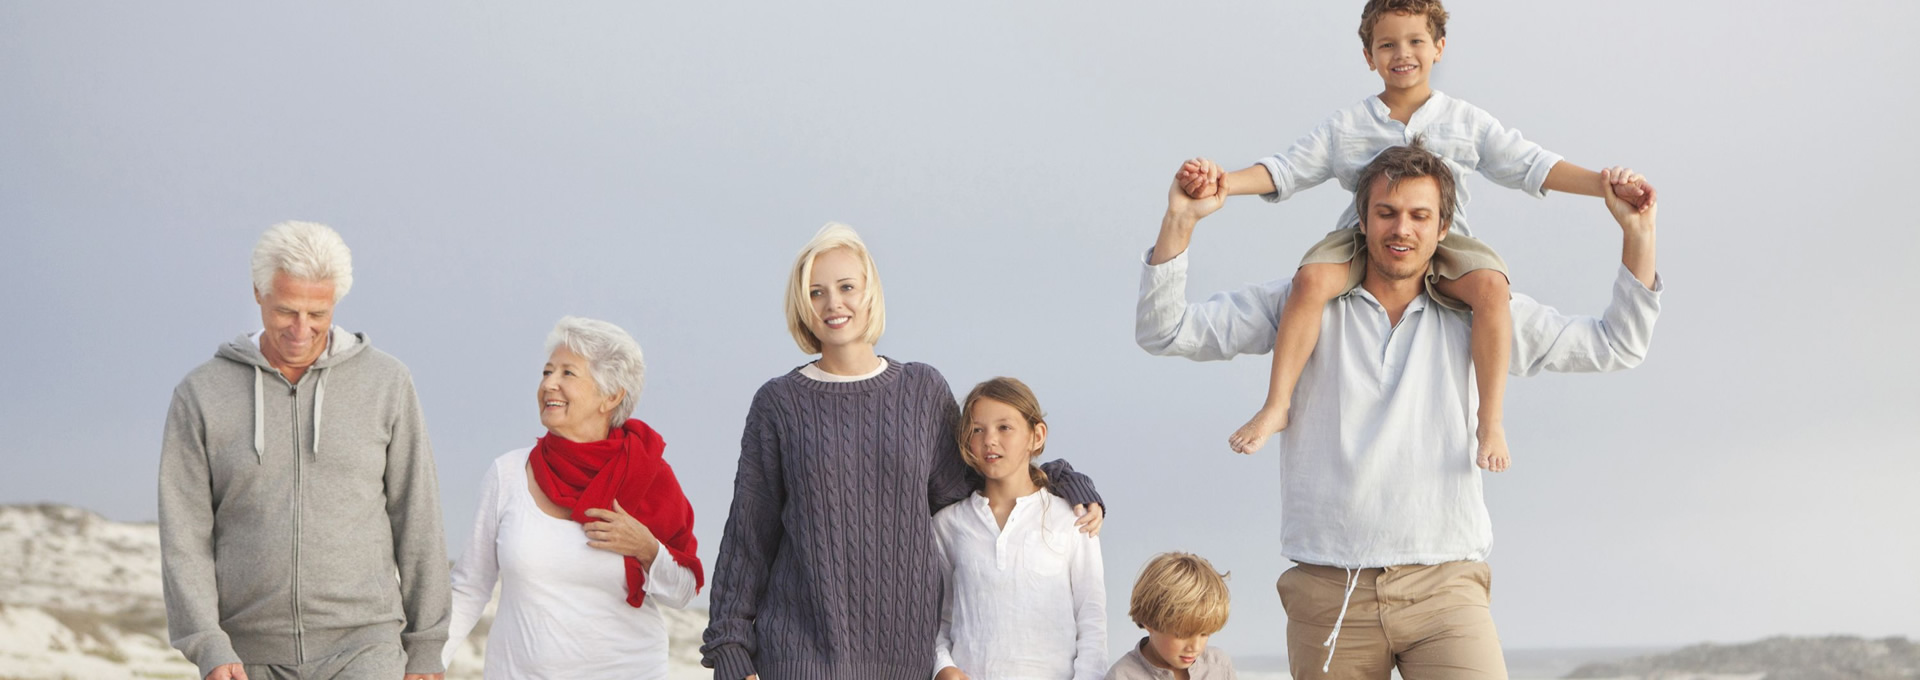 Sanitas seguros de salud oficina las rozas madrid for Oficina sanitas valencia